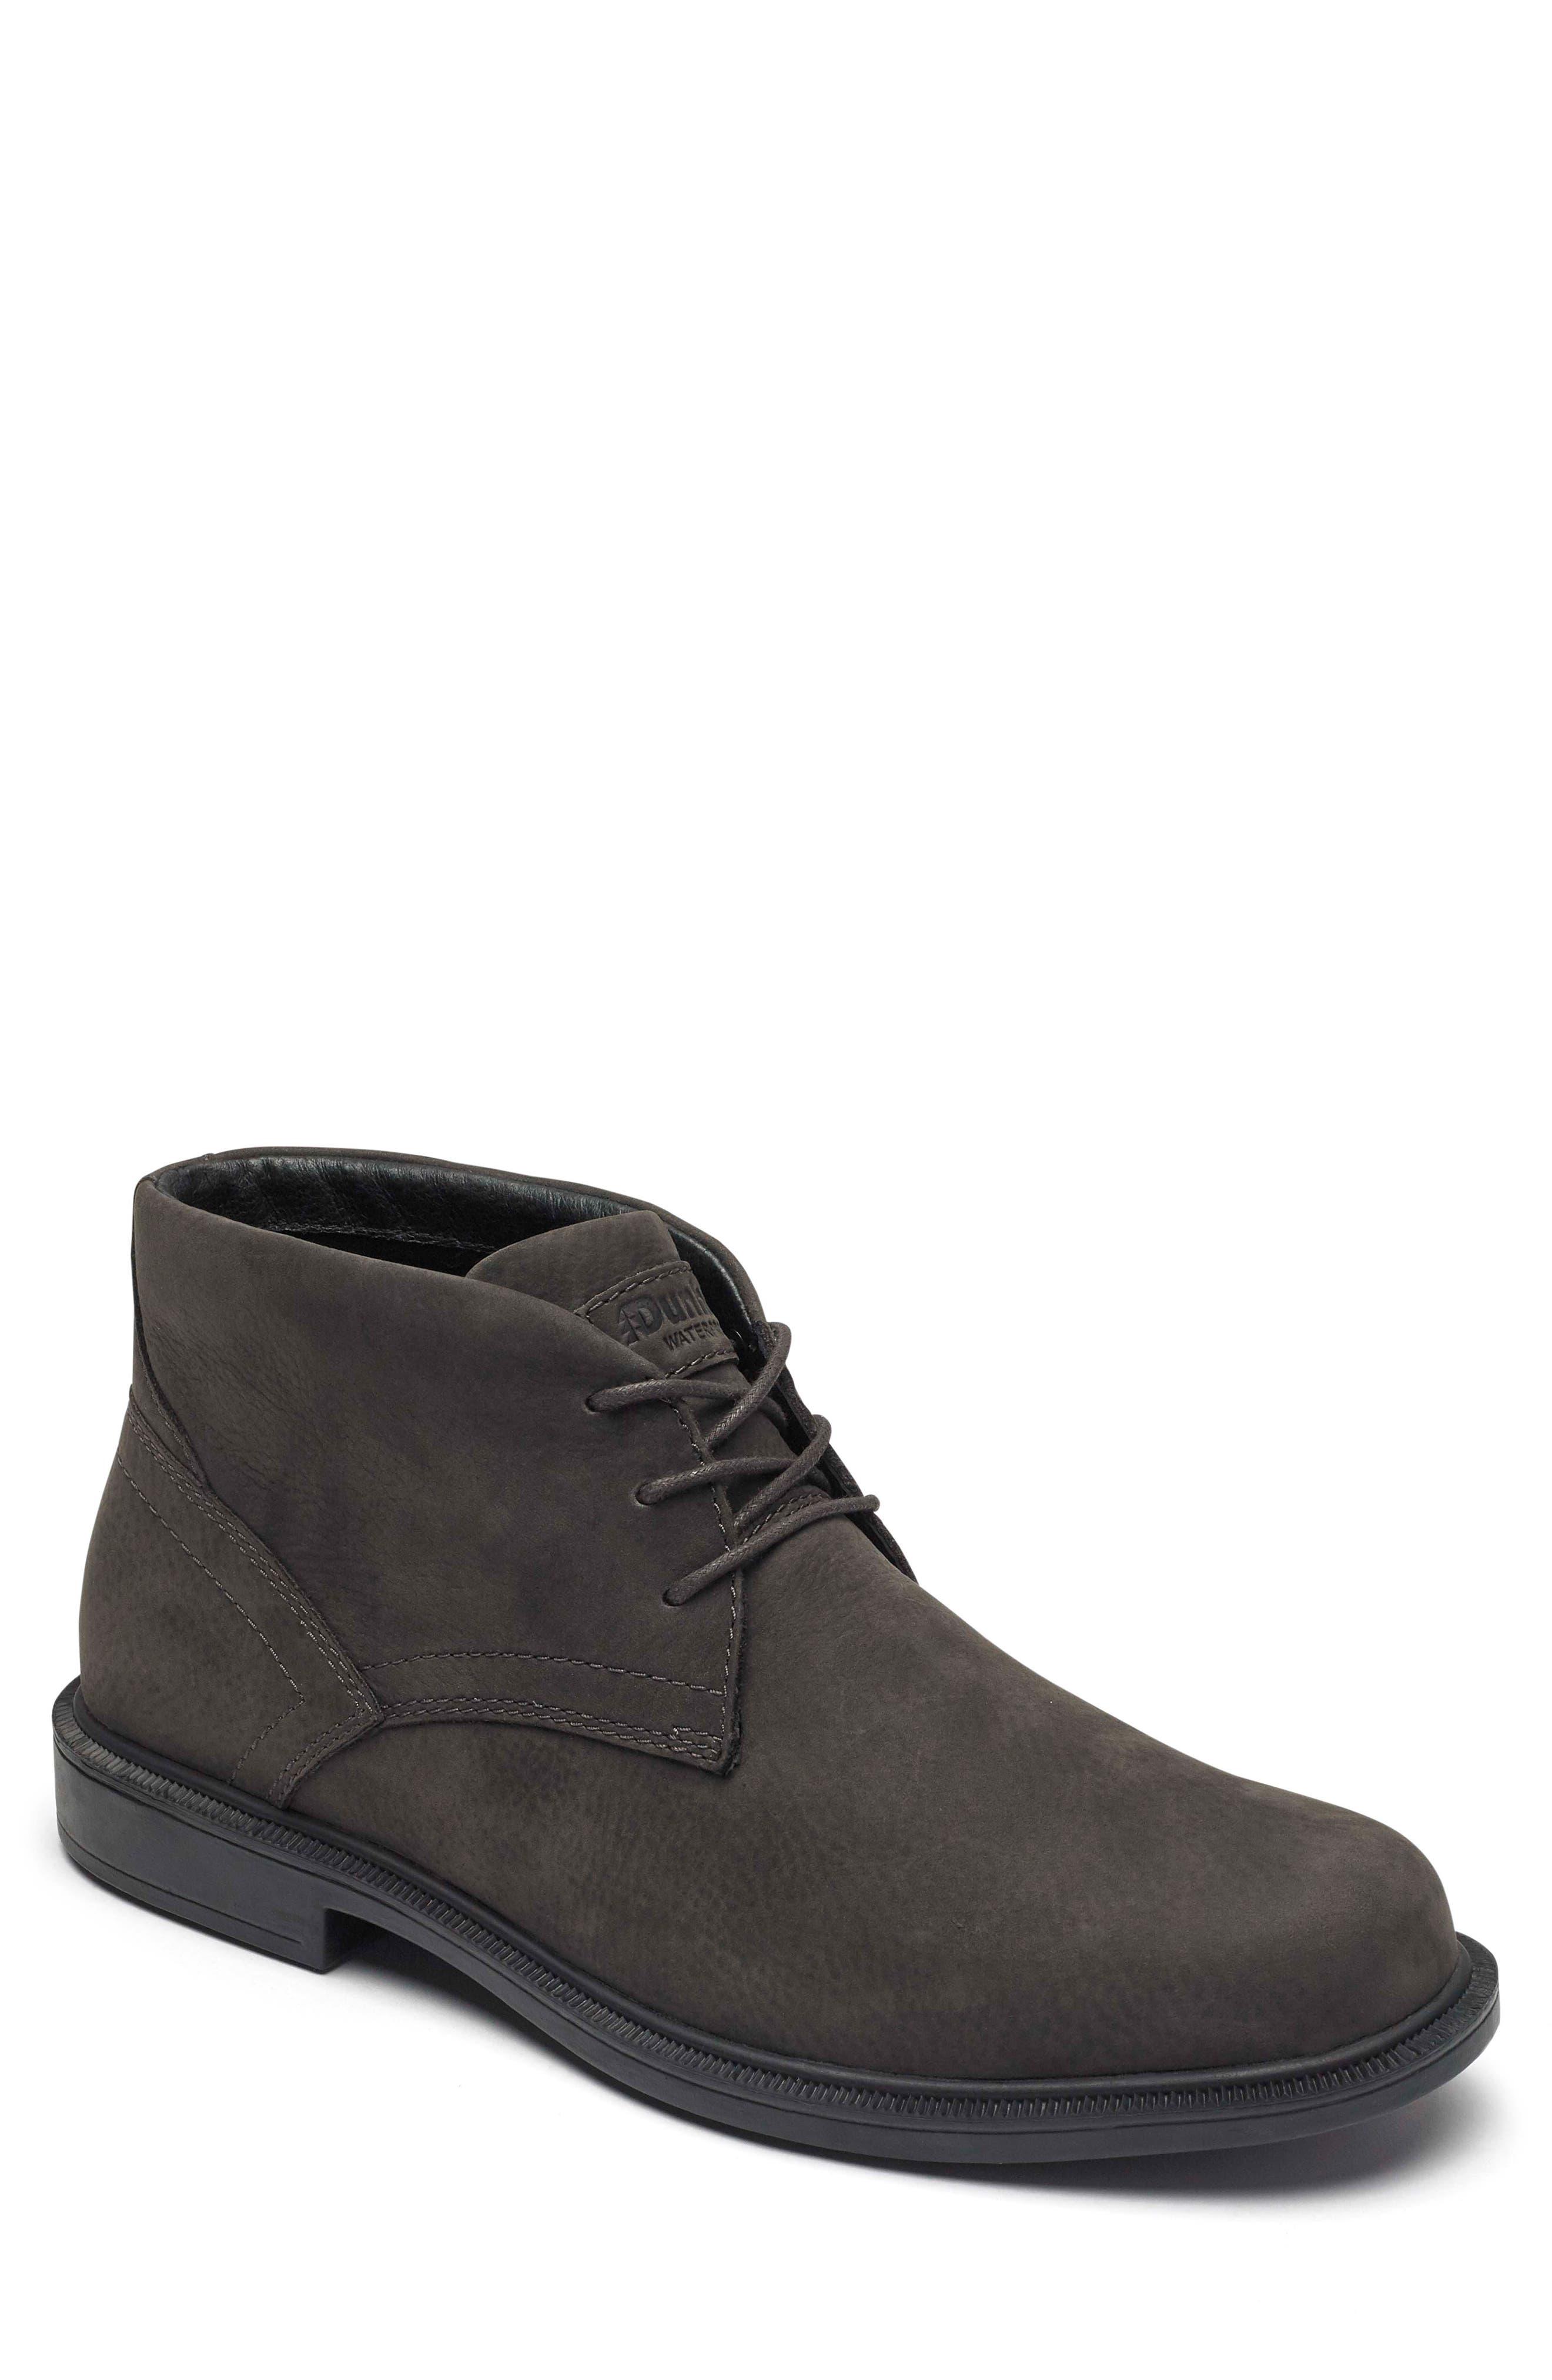 Dunham Jericho Waterproof Chukka Boot